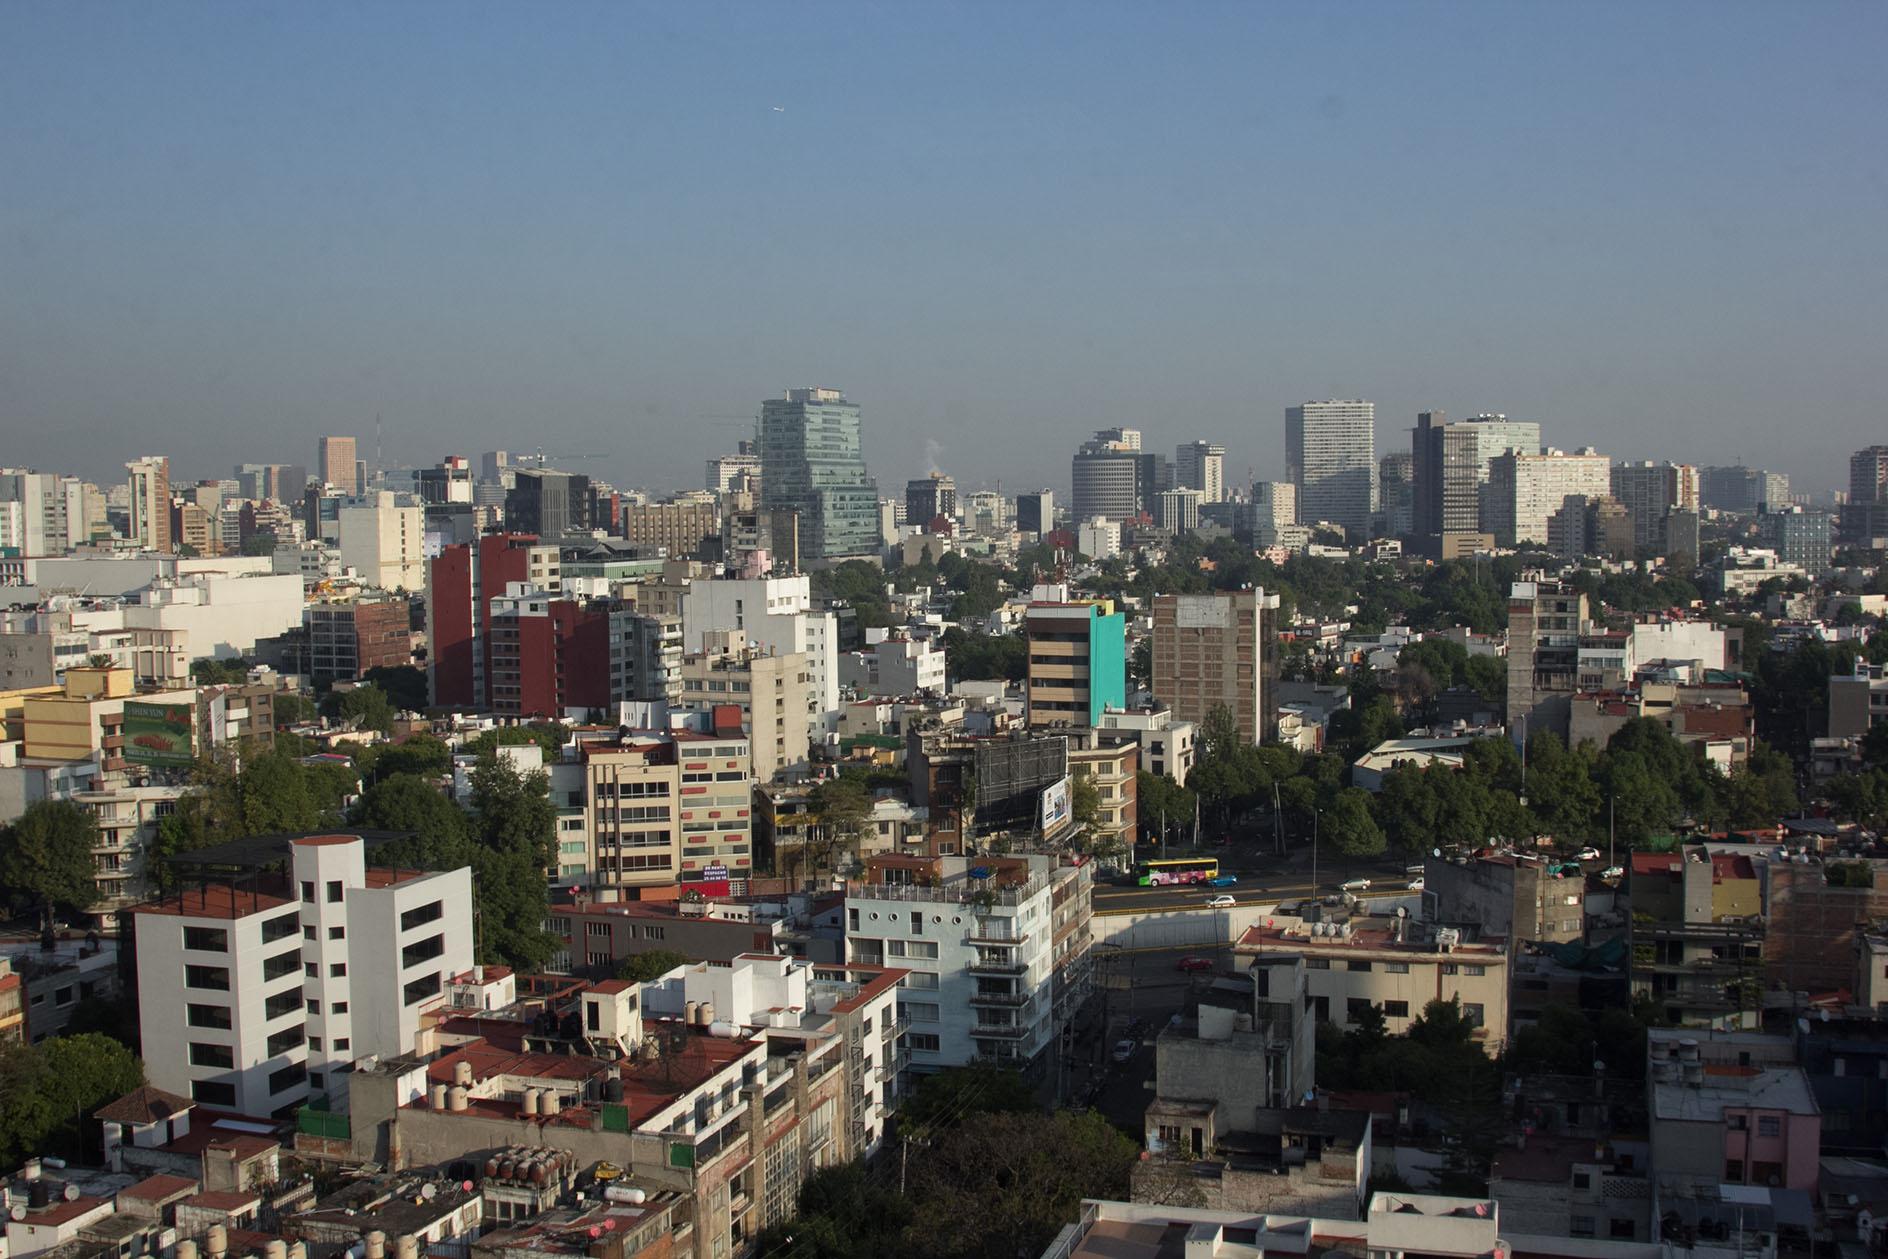 mil 800 empresas del mundo estiman y reportan anualmente los Gases de Efecto Invernadero que generan. FOTO: CUARTOSCURO